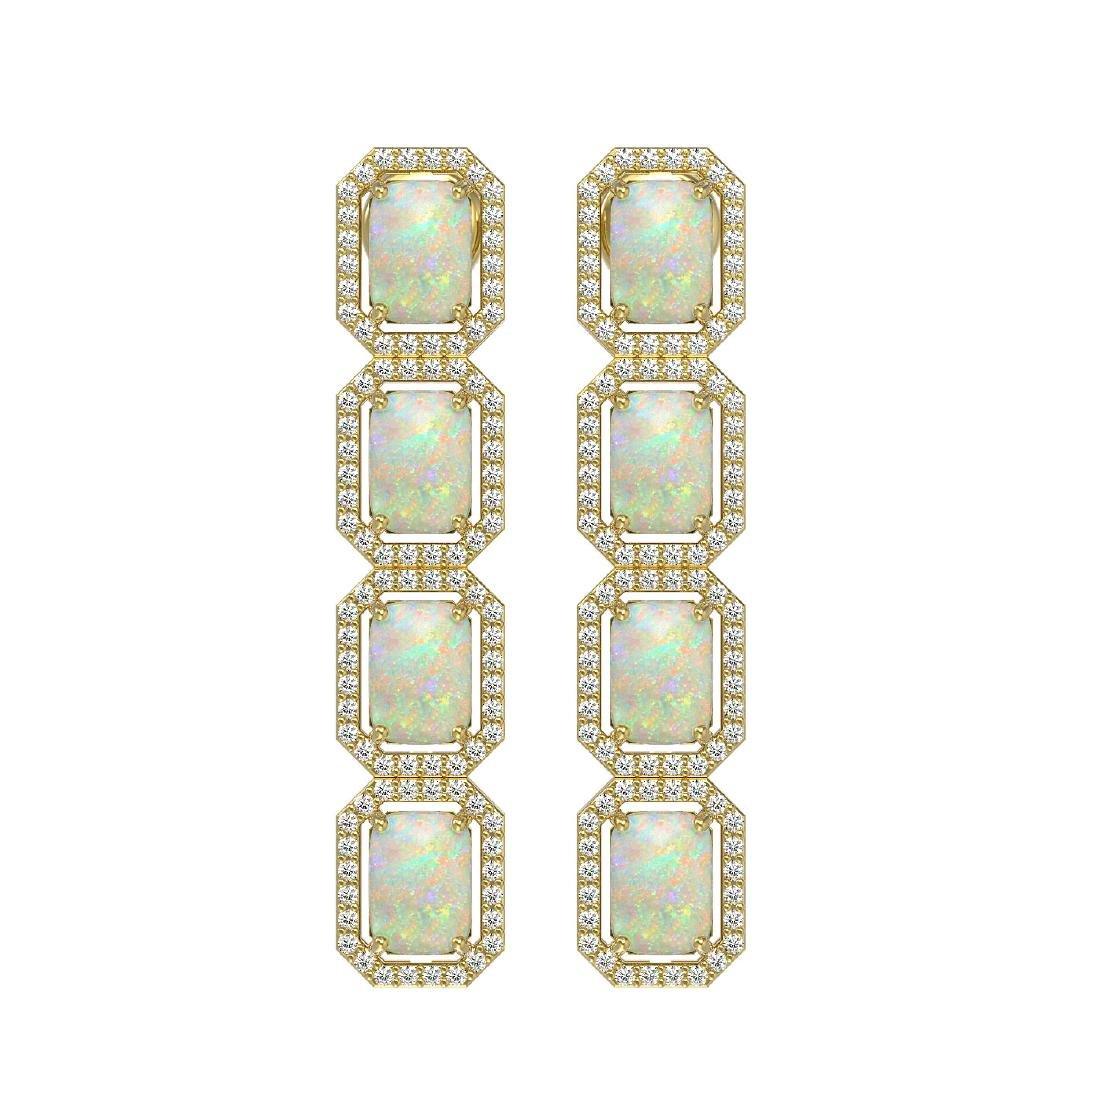 7.93 CTW Opal & Diamond Halo Earrings 10K Yellow Gold